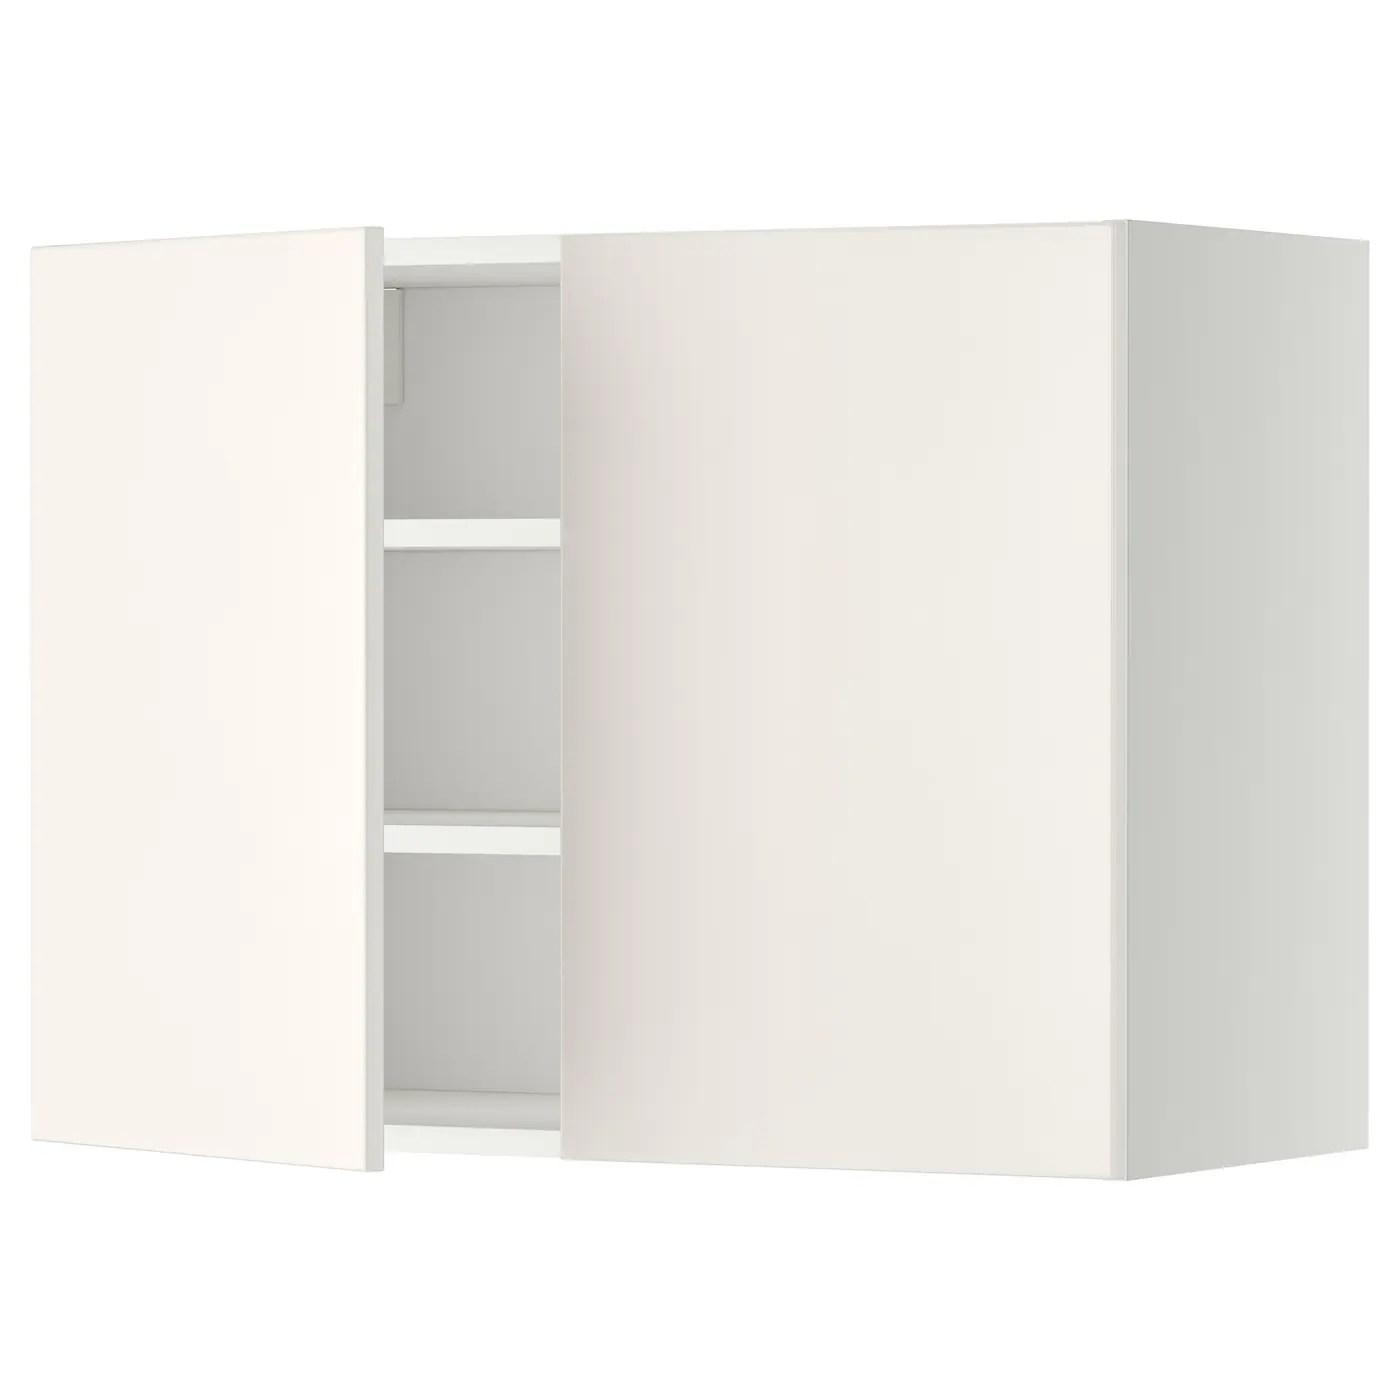 Meuble Haut Cuisine Systeme Metod Ikea